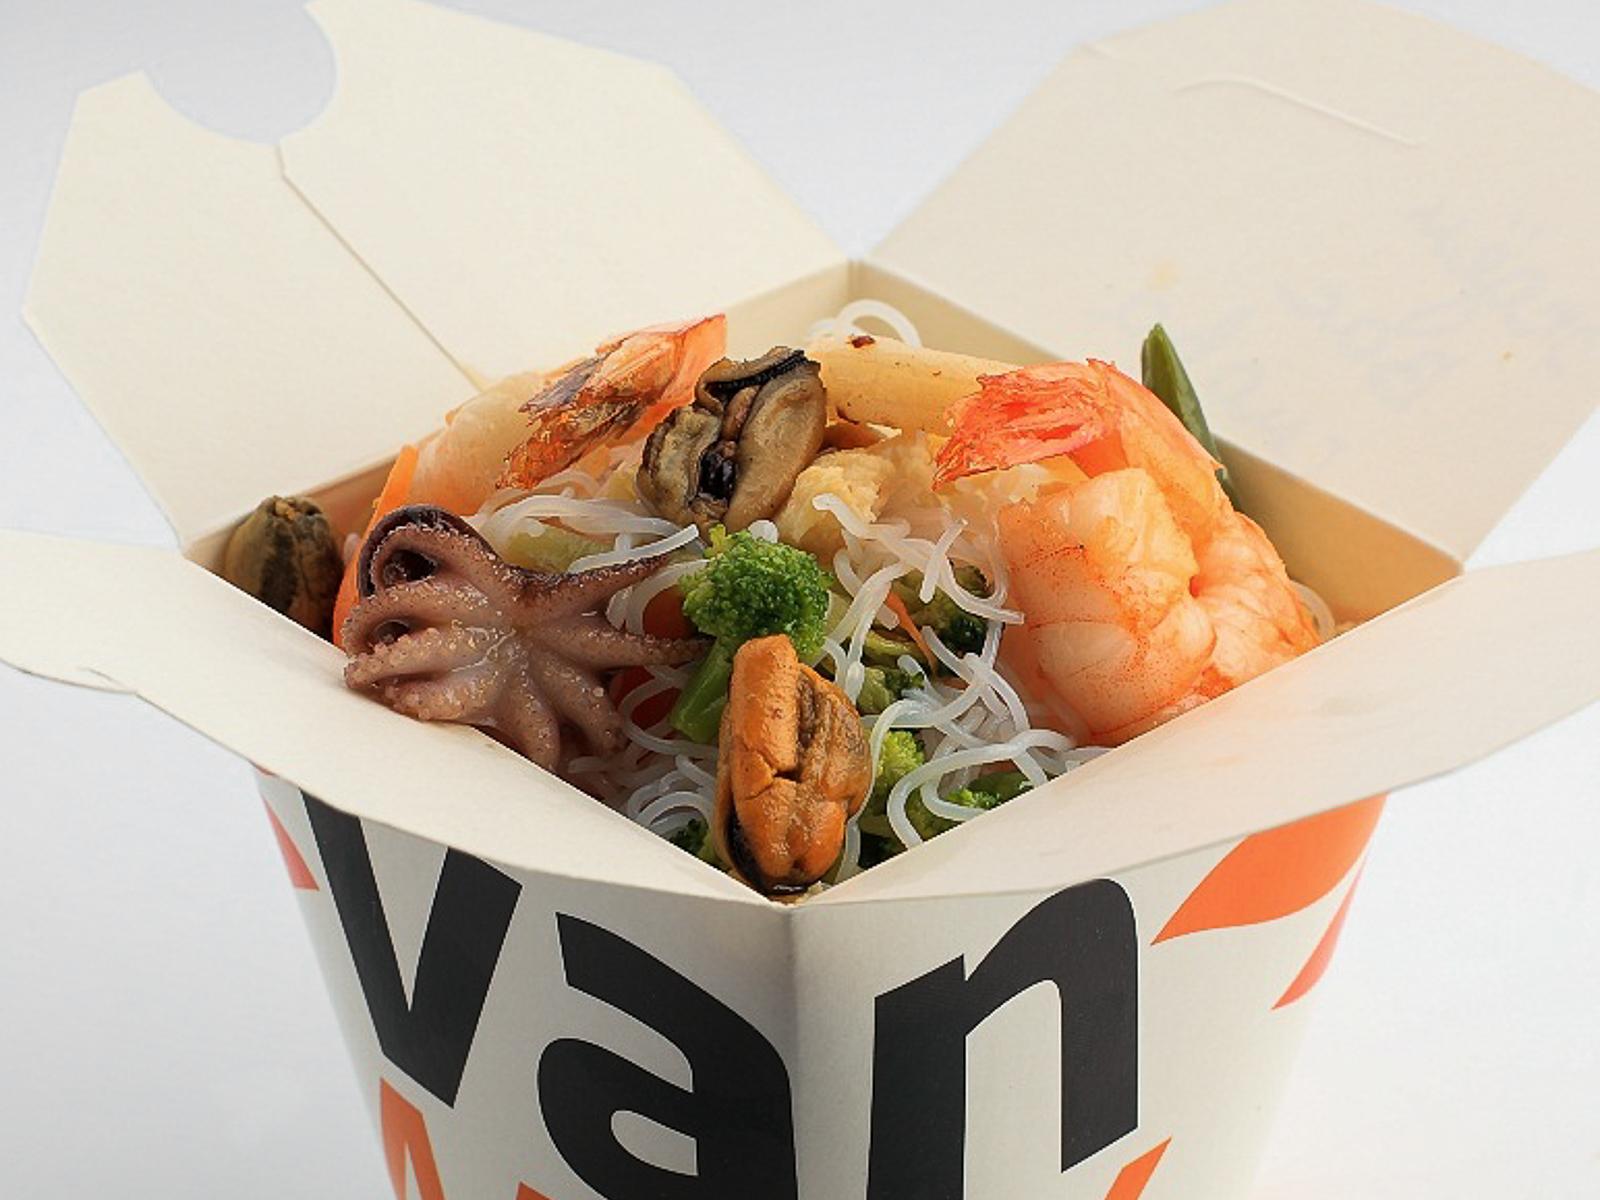 Рисовая лапша вок с морепродуктами в соусе Пекин